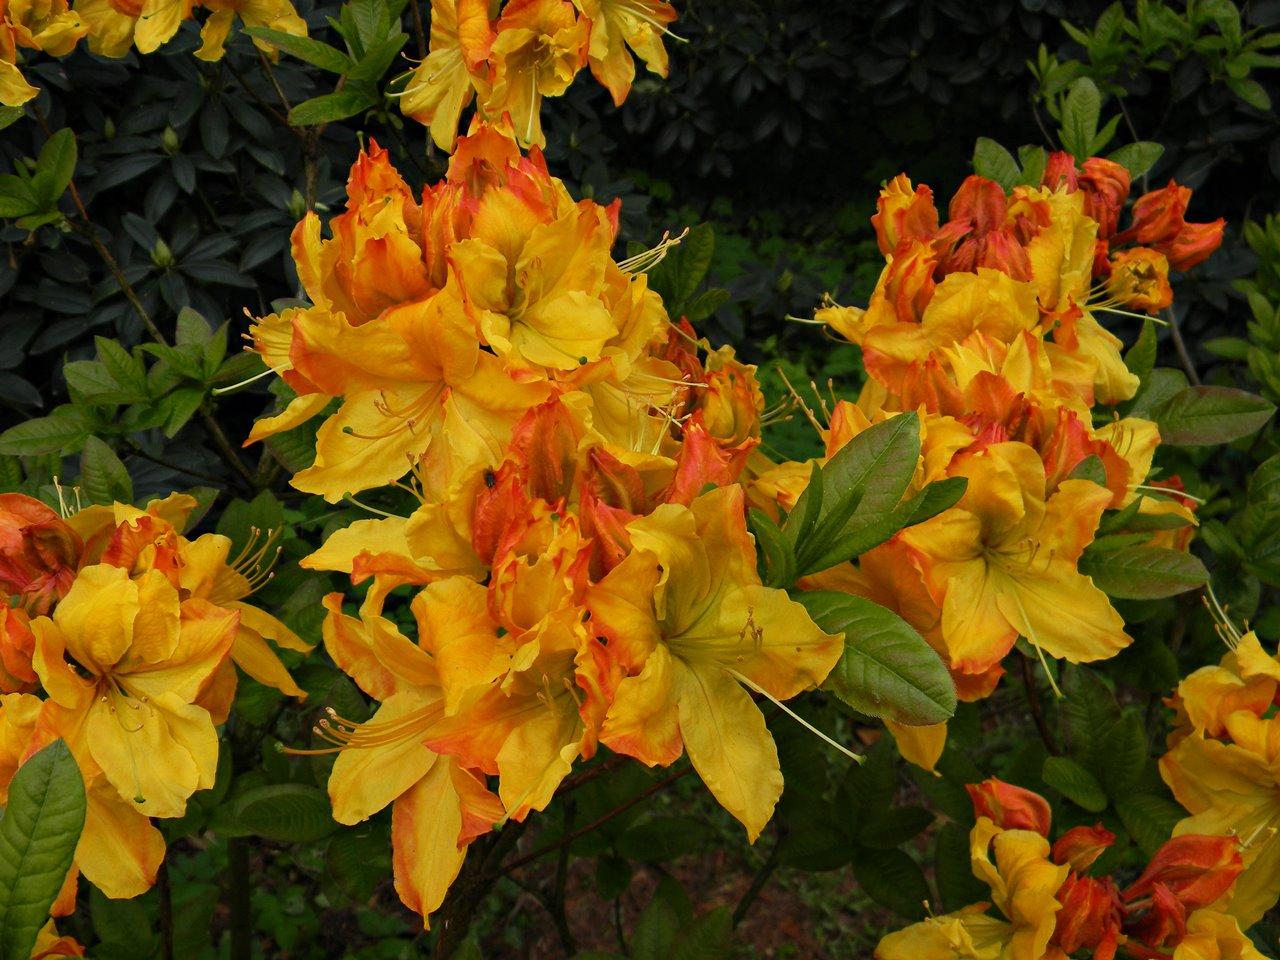 kwiaty, Kórnik, zwiedzanie, przyroda, wiosenne kwiaty